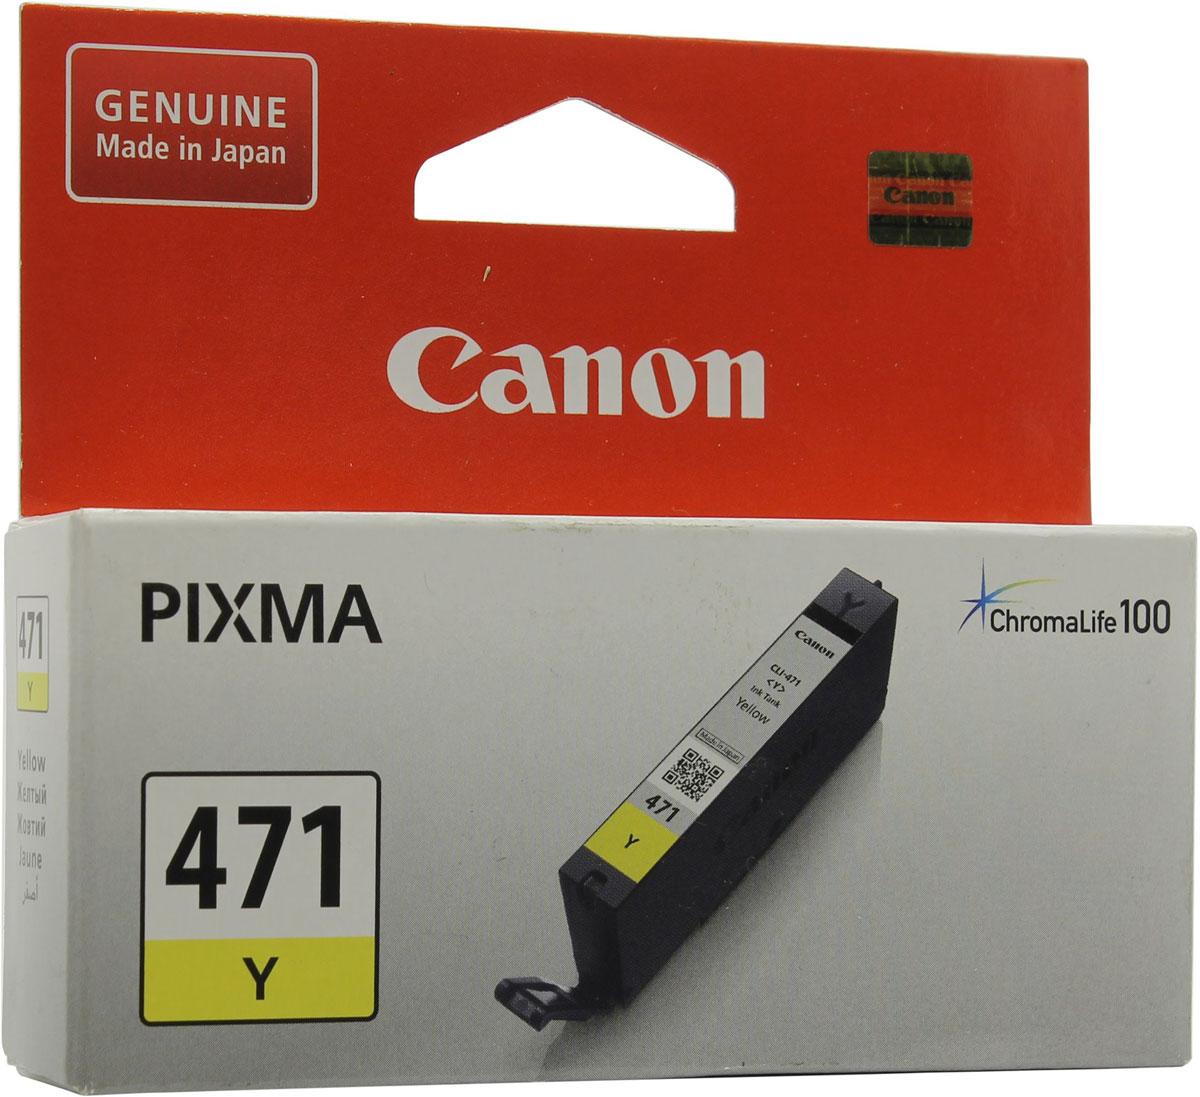 Фото - Canon CLI-471, Yellow картридж для Pixma MG5740/6840/7740 сумка для видеокамеры 100% dslr canon nikon sony pentax slr